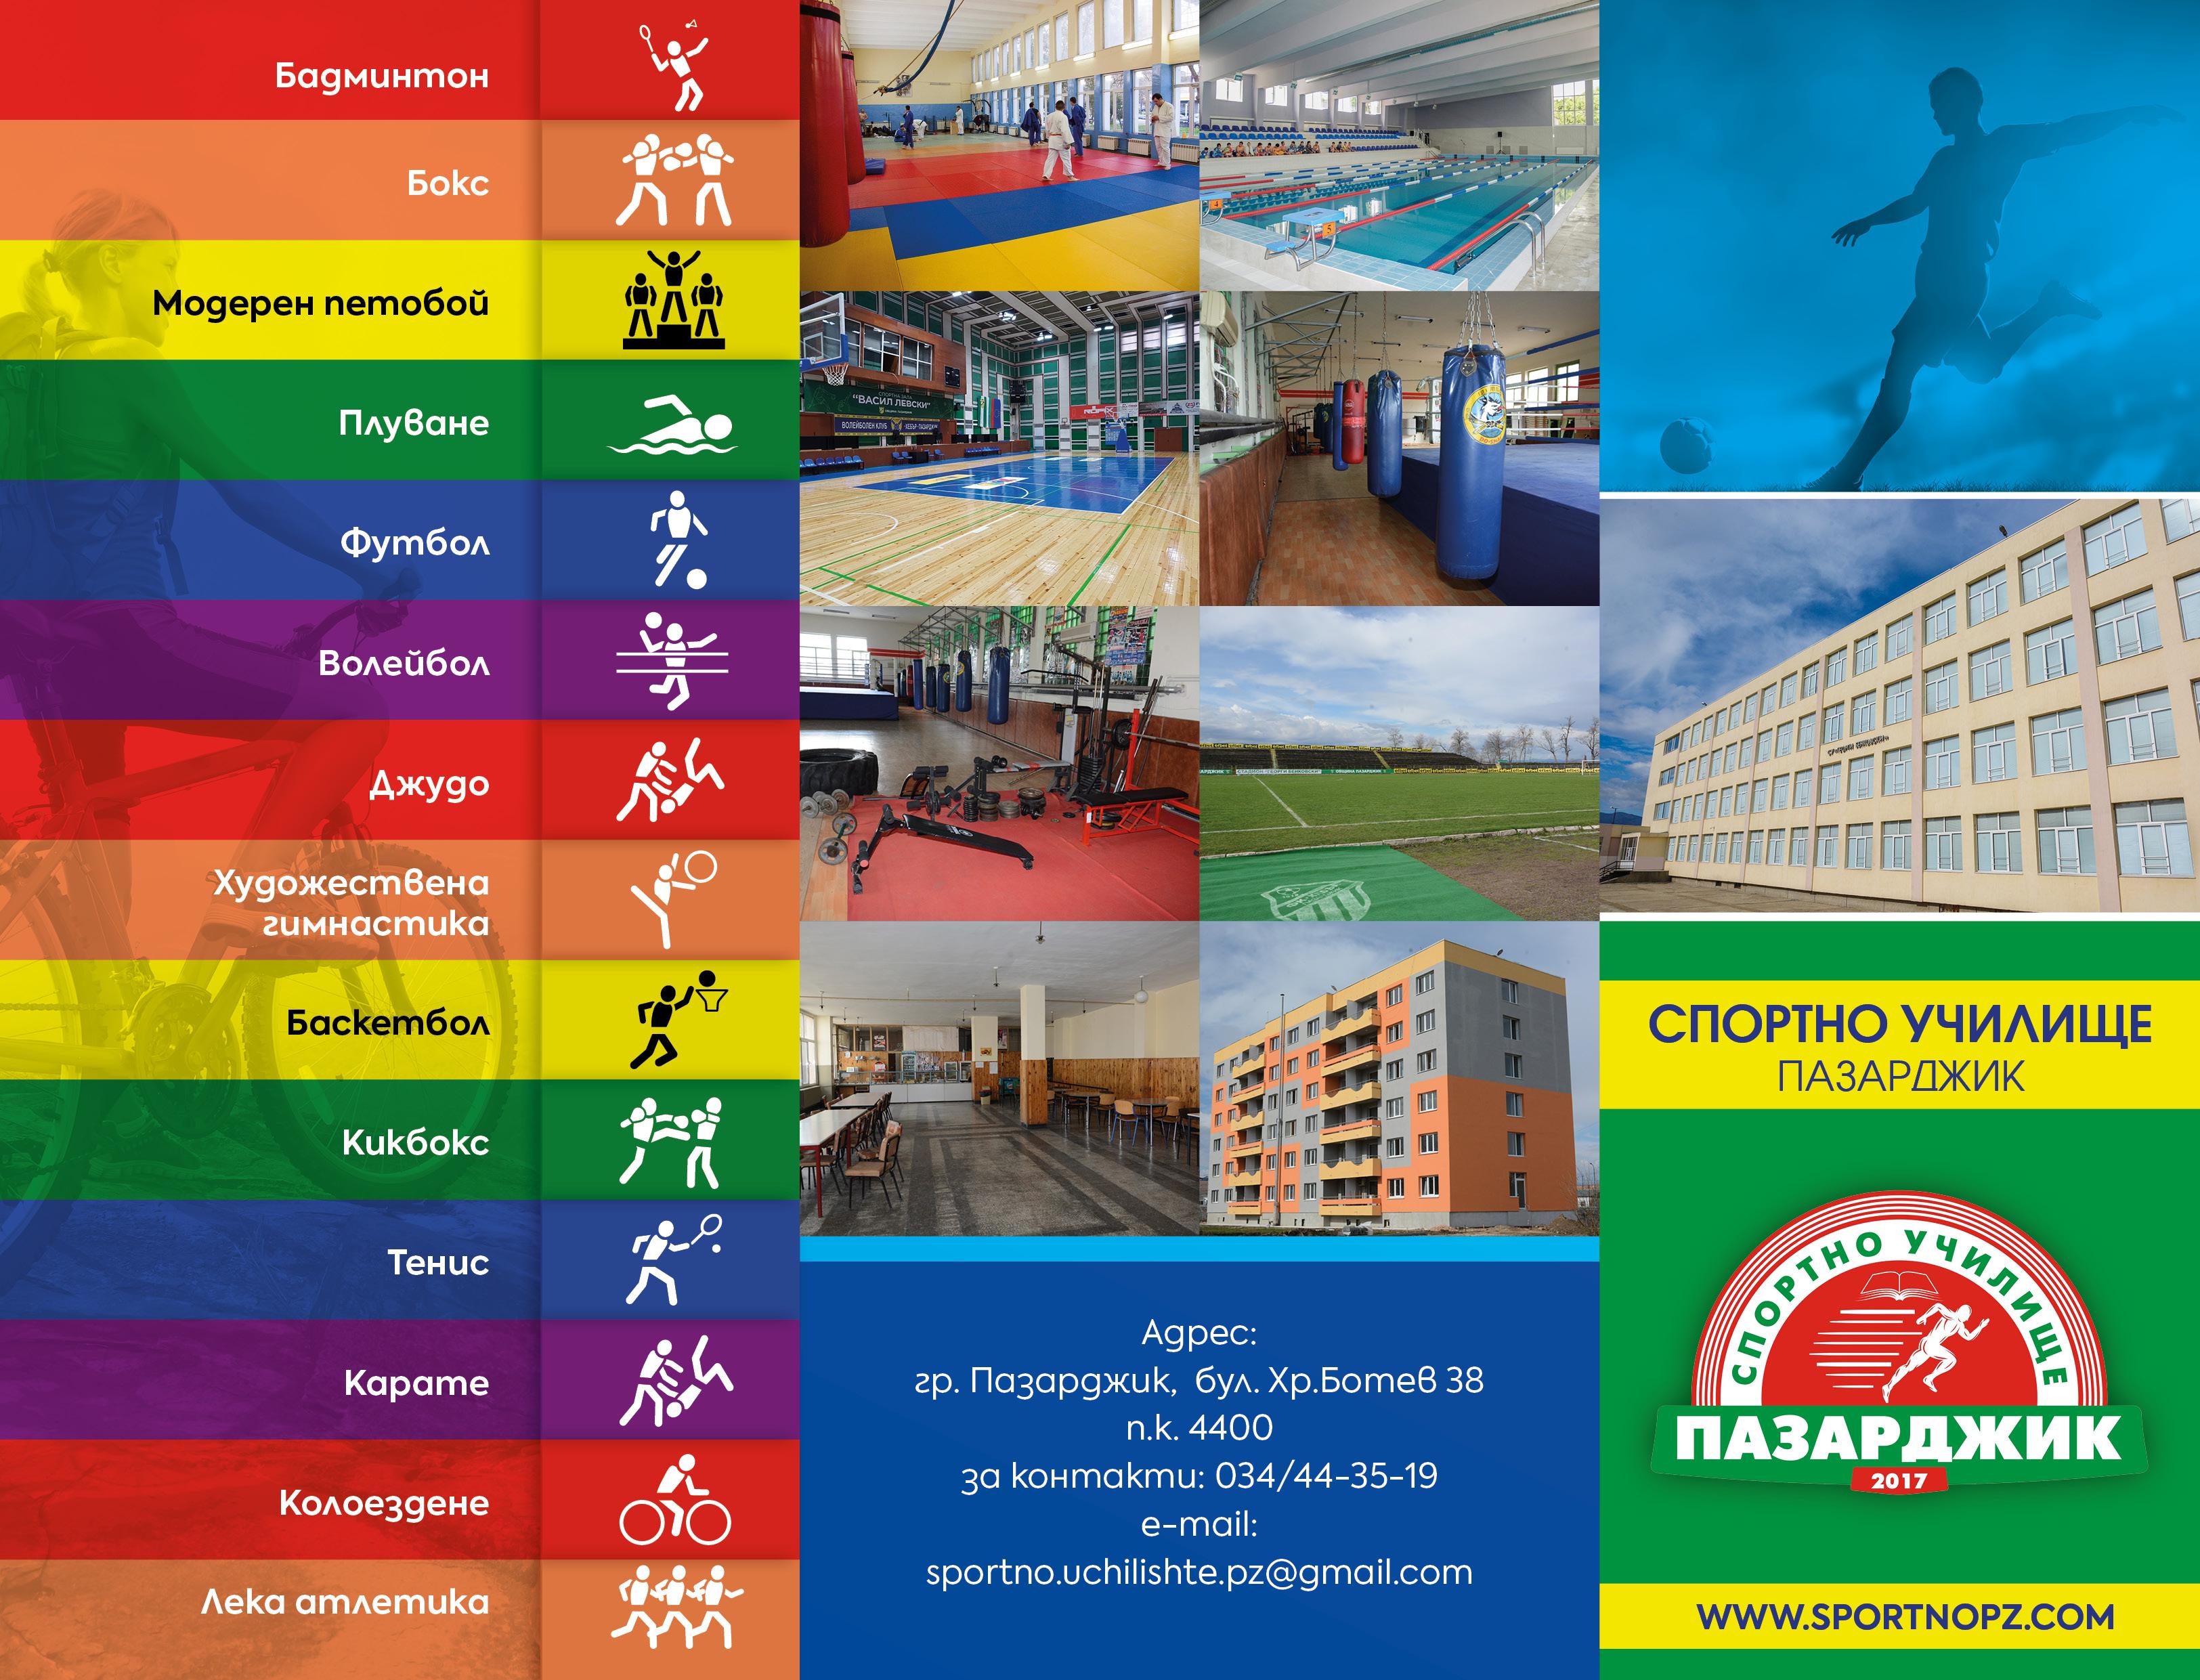 Спортно училище Пазарджик 2018